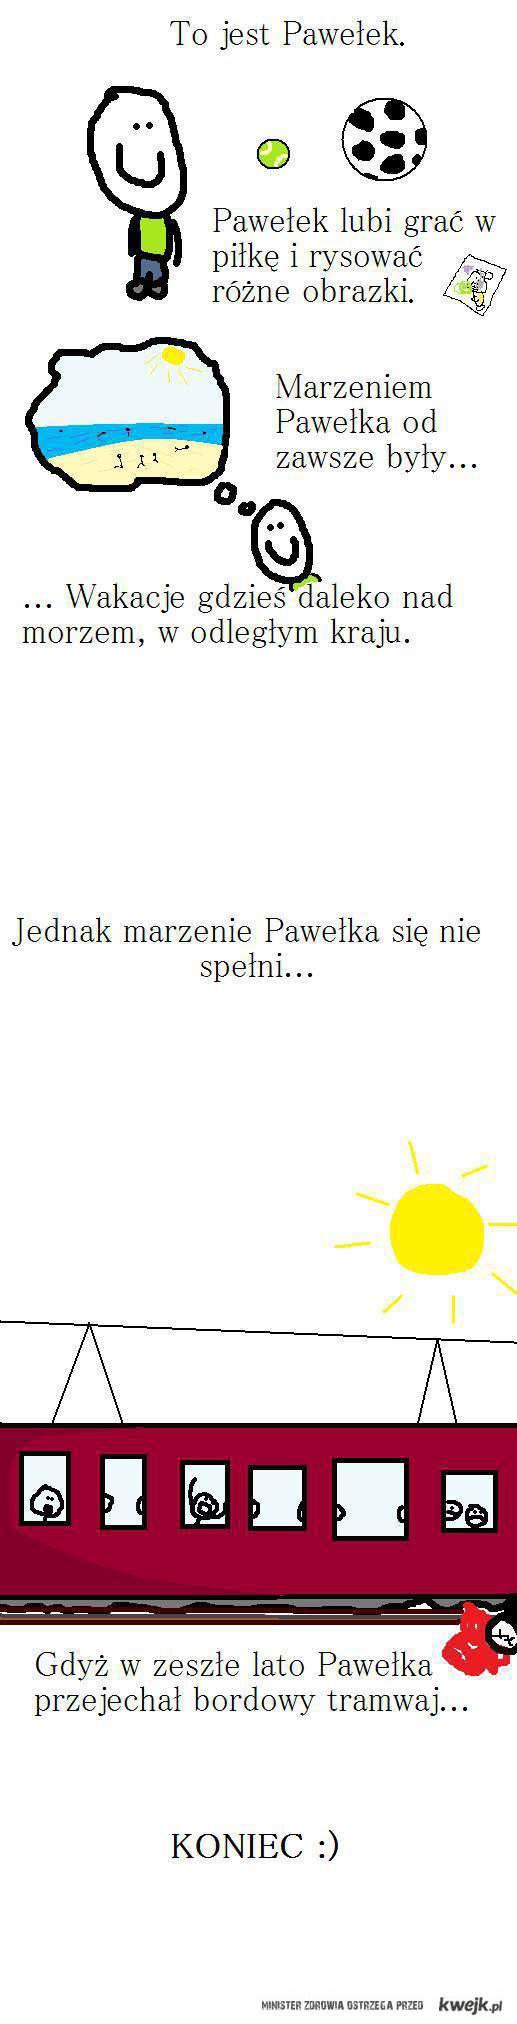 Pawełek